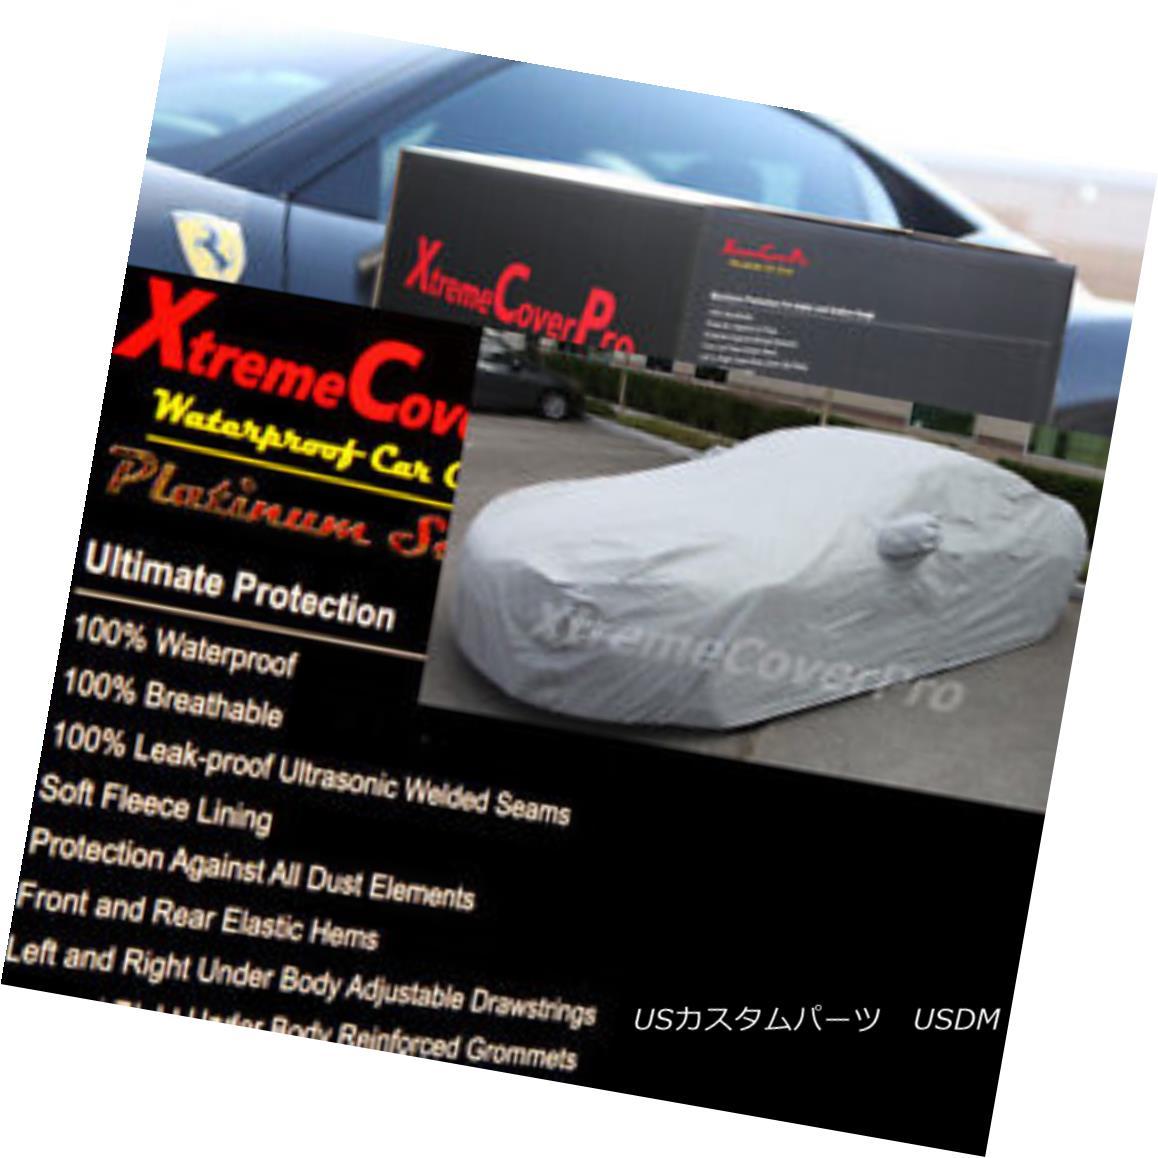 カーカバー 2014 LEXUS LS460 LS460L LS600hL Waterproof Car Cover w/ Mirror Pocket 2014レクサスLS460 LS460L LS600hLミラーポケット付き防水カーカバー